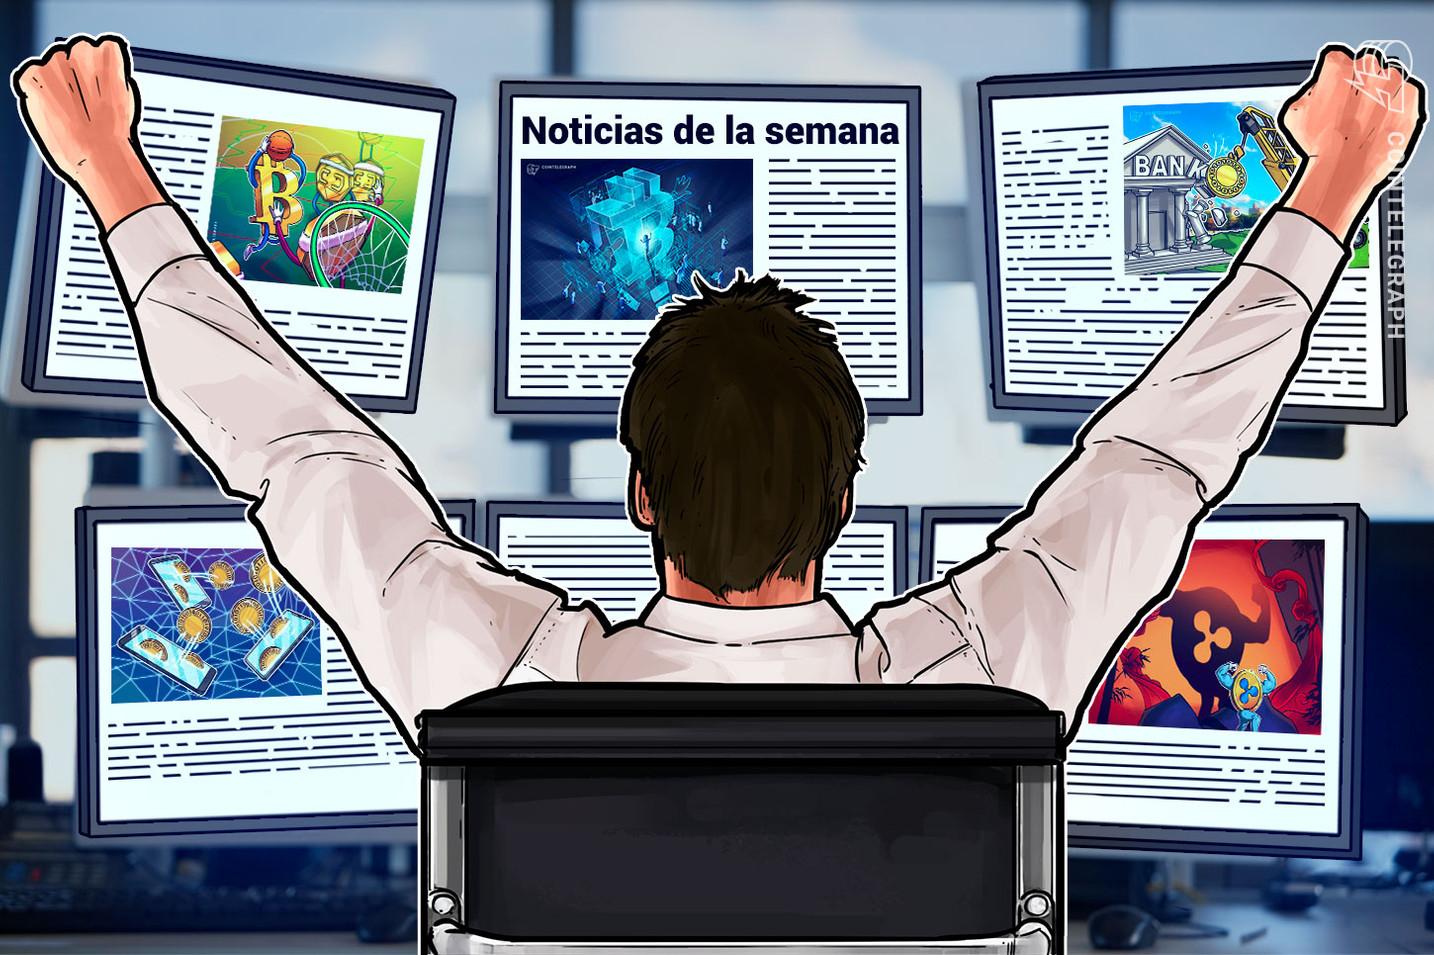 Top criptonoticias de la semana: Corrida alcista de Bitcoin hasta los USD 100.000, el halving cada vez más cerca y mucho más